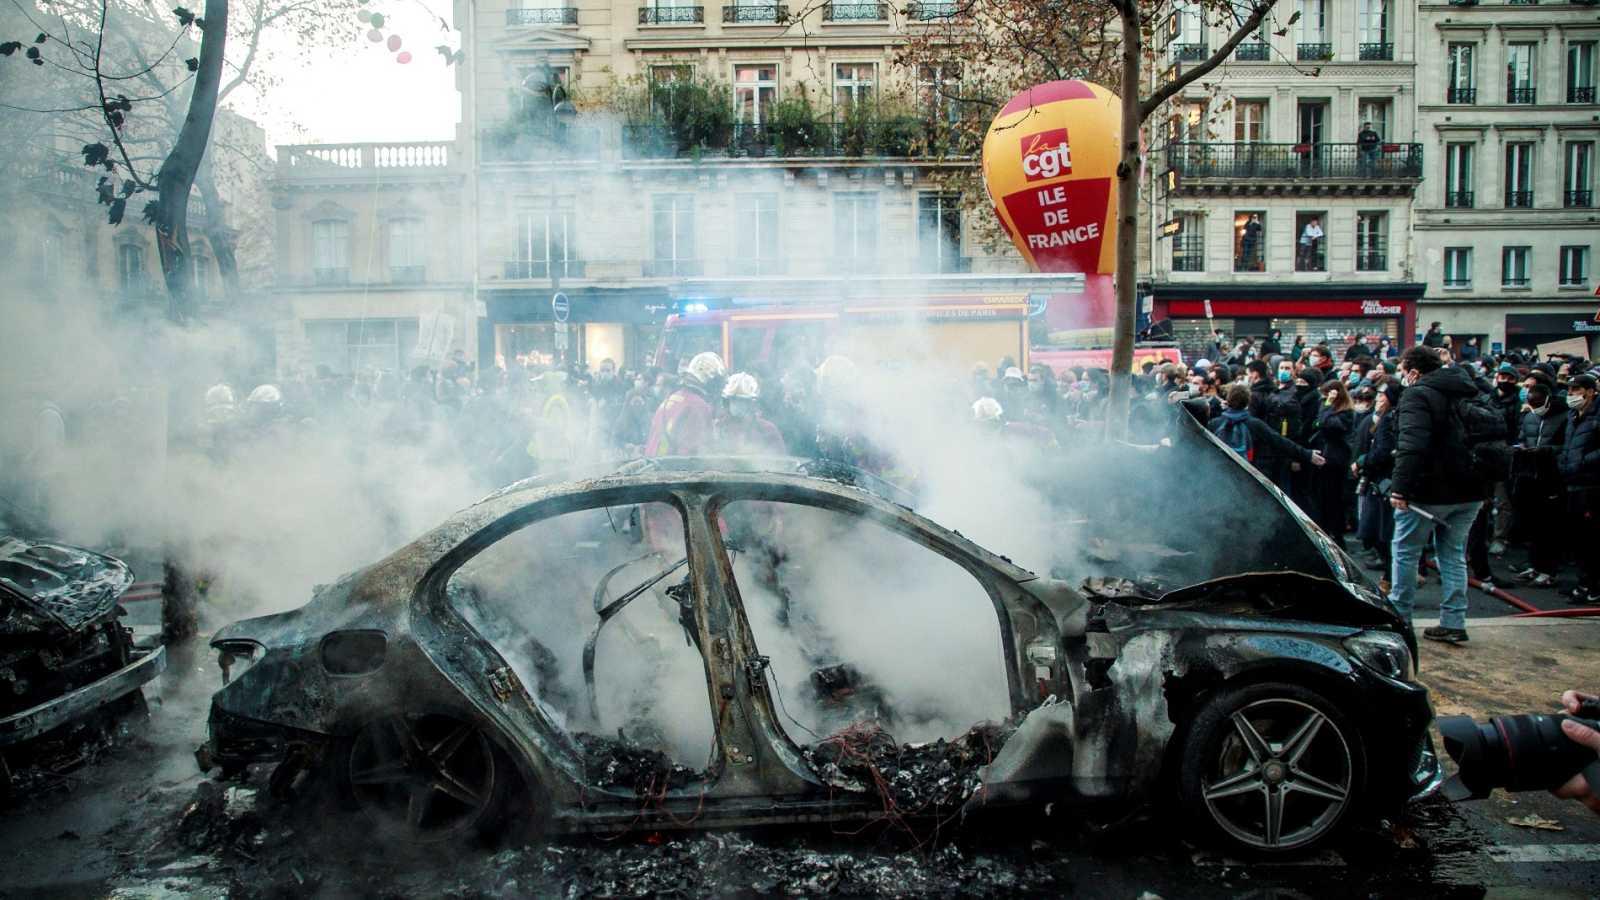 Incidentes al término de una manifestación contra la violencia policial en París